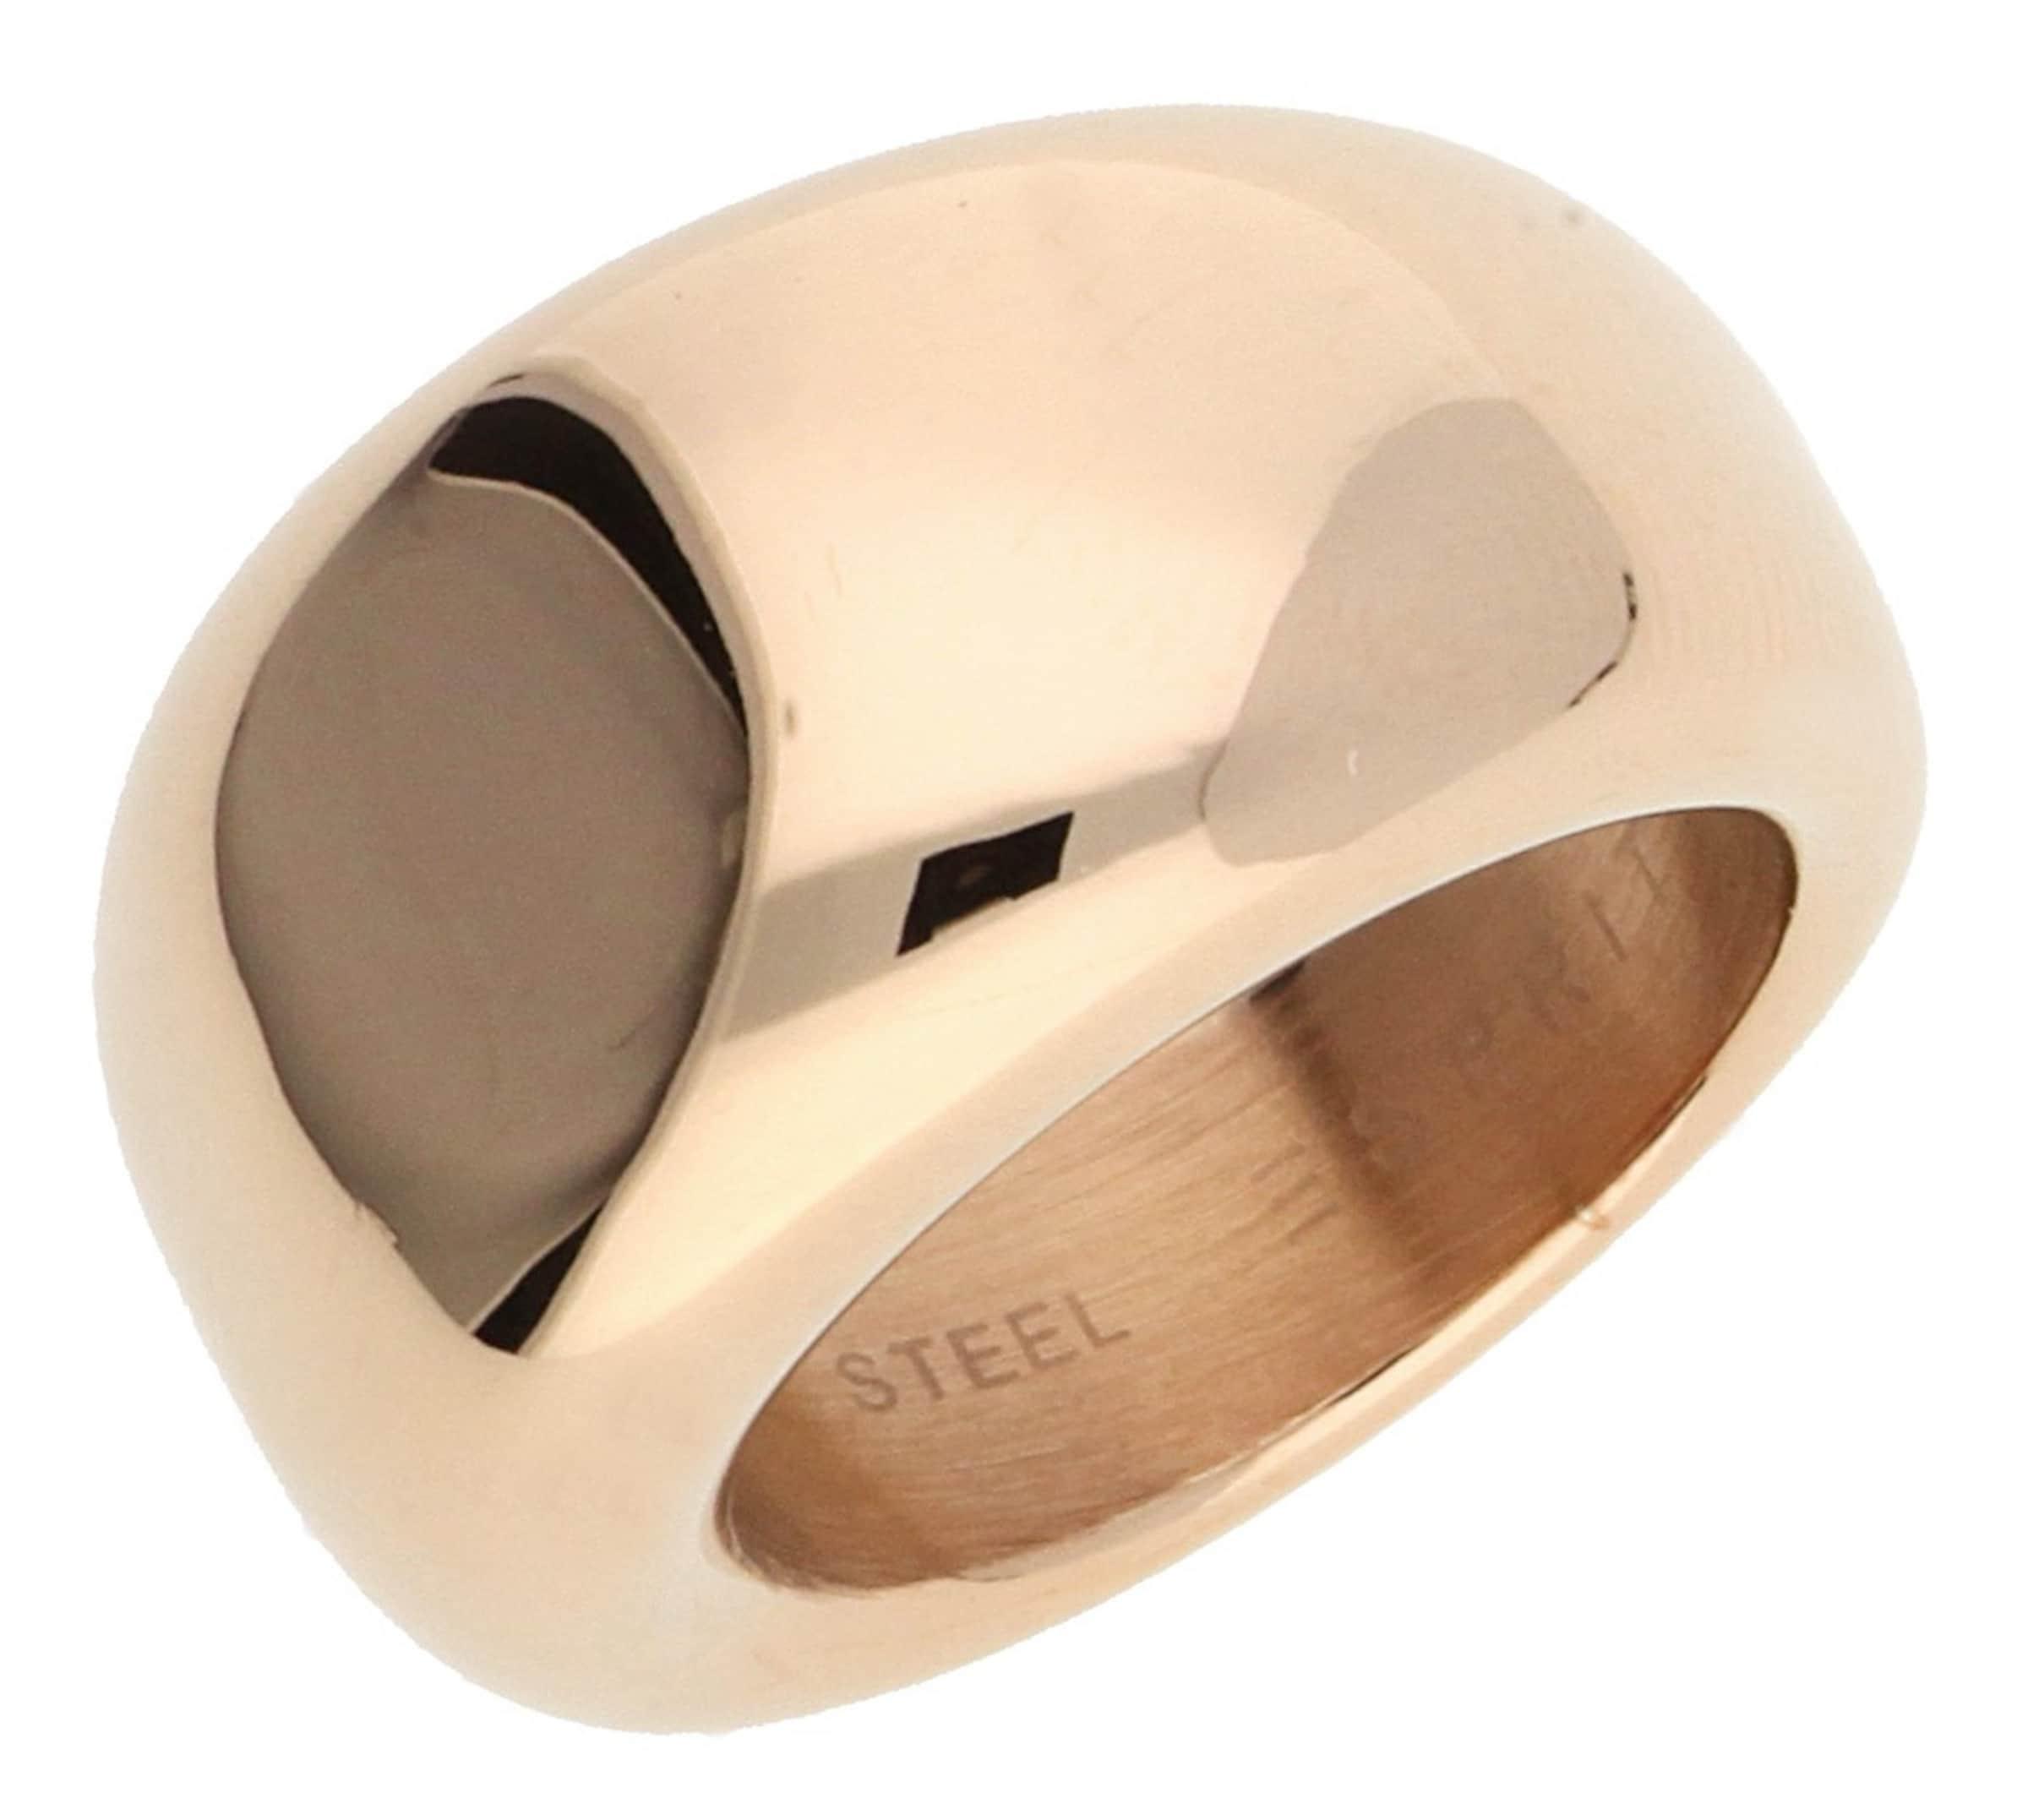 ESPRIT Damen Fingerring Rosegold Bold ESRG12426C Auslass Heißen Verkauf XcEkBEms